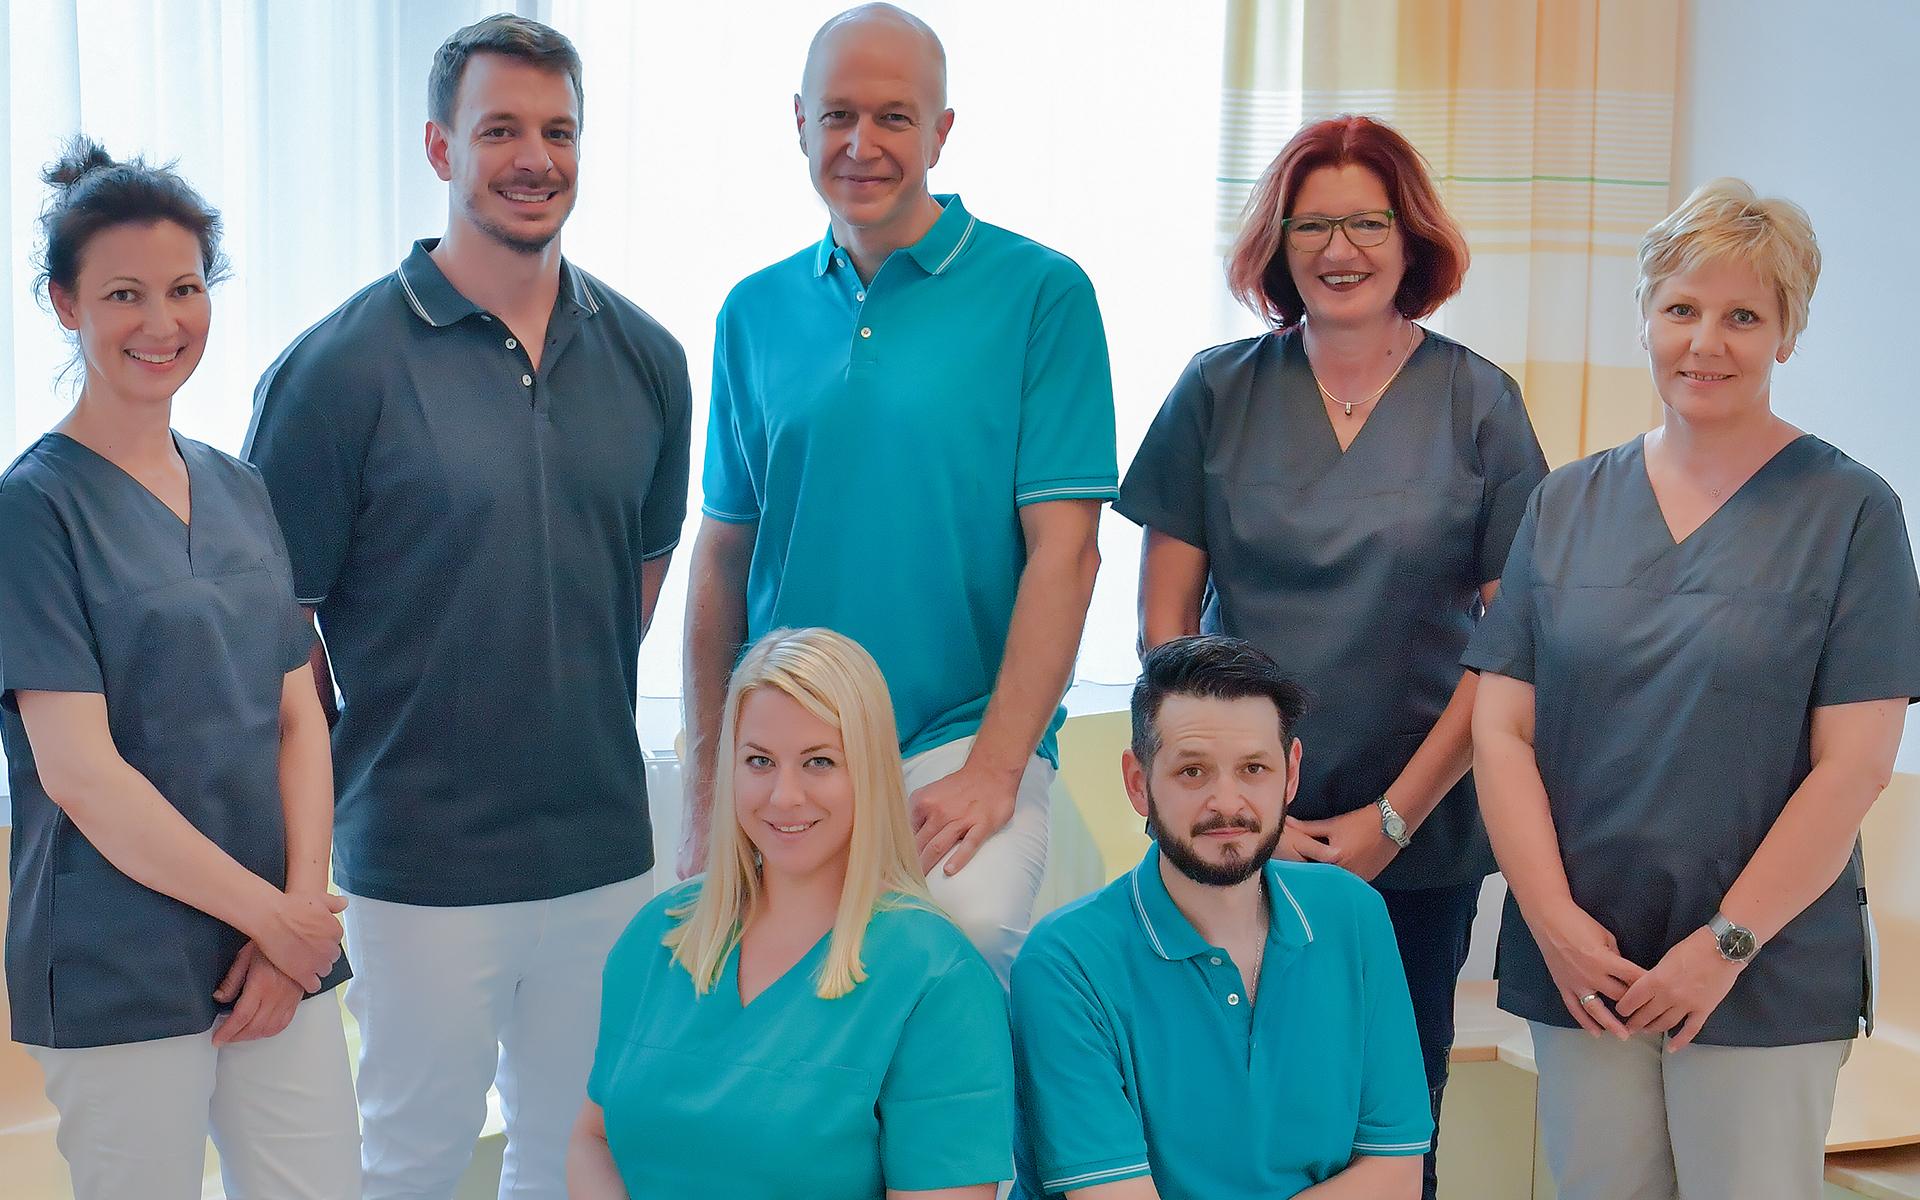 Gruppenfoto des Teams der Hausarztpraxis Tulln